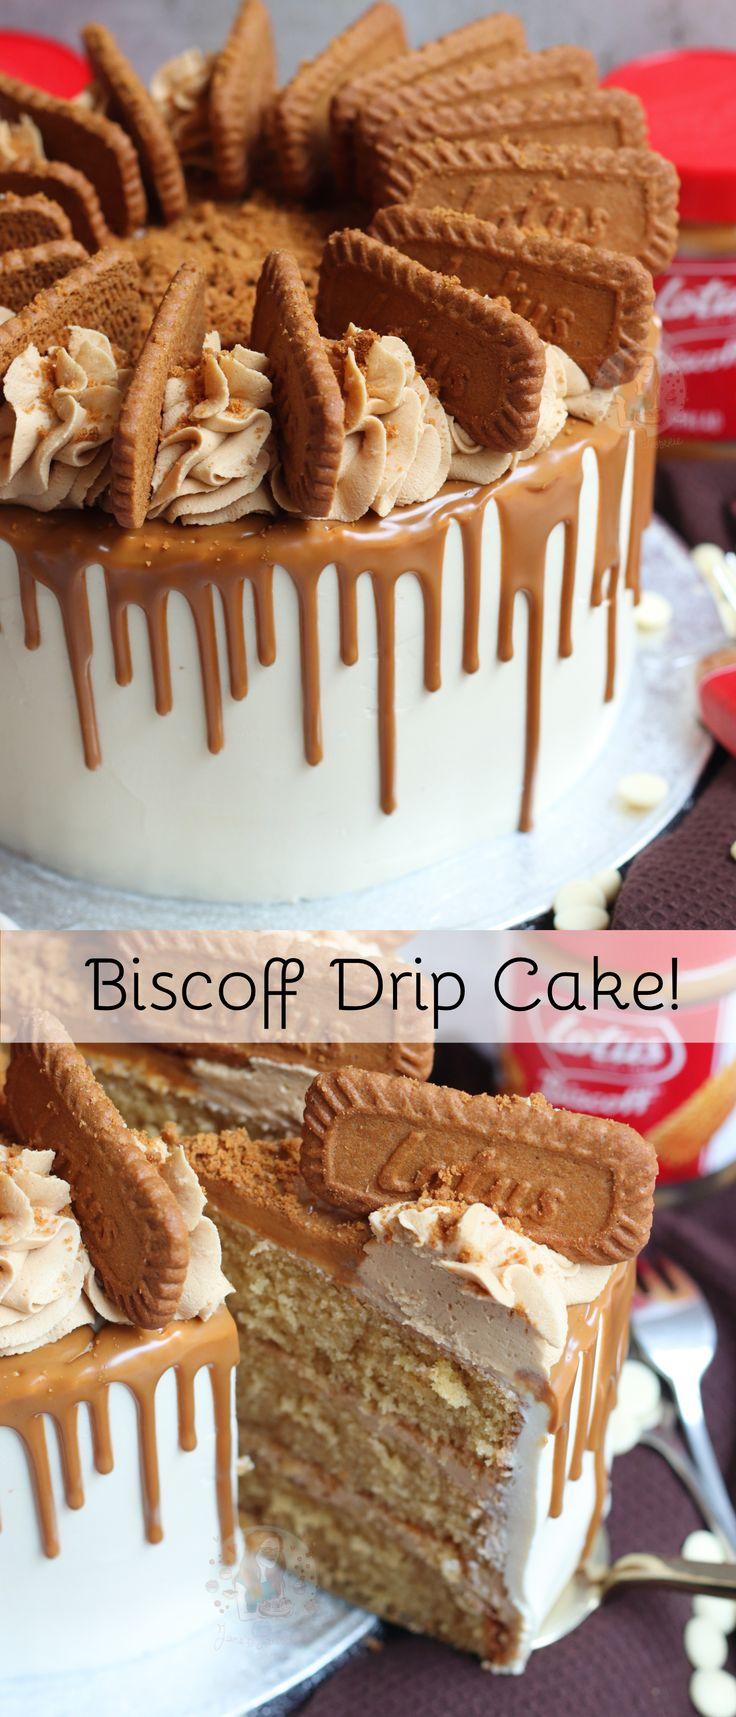 Biscoff Drip Cake! – выпечка сладкая